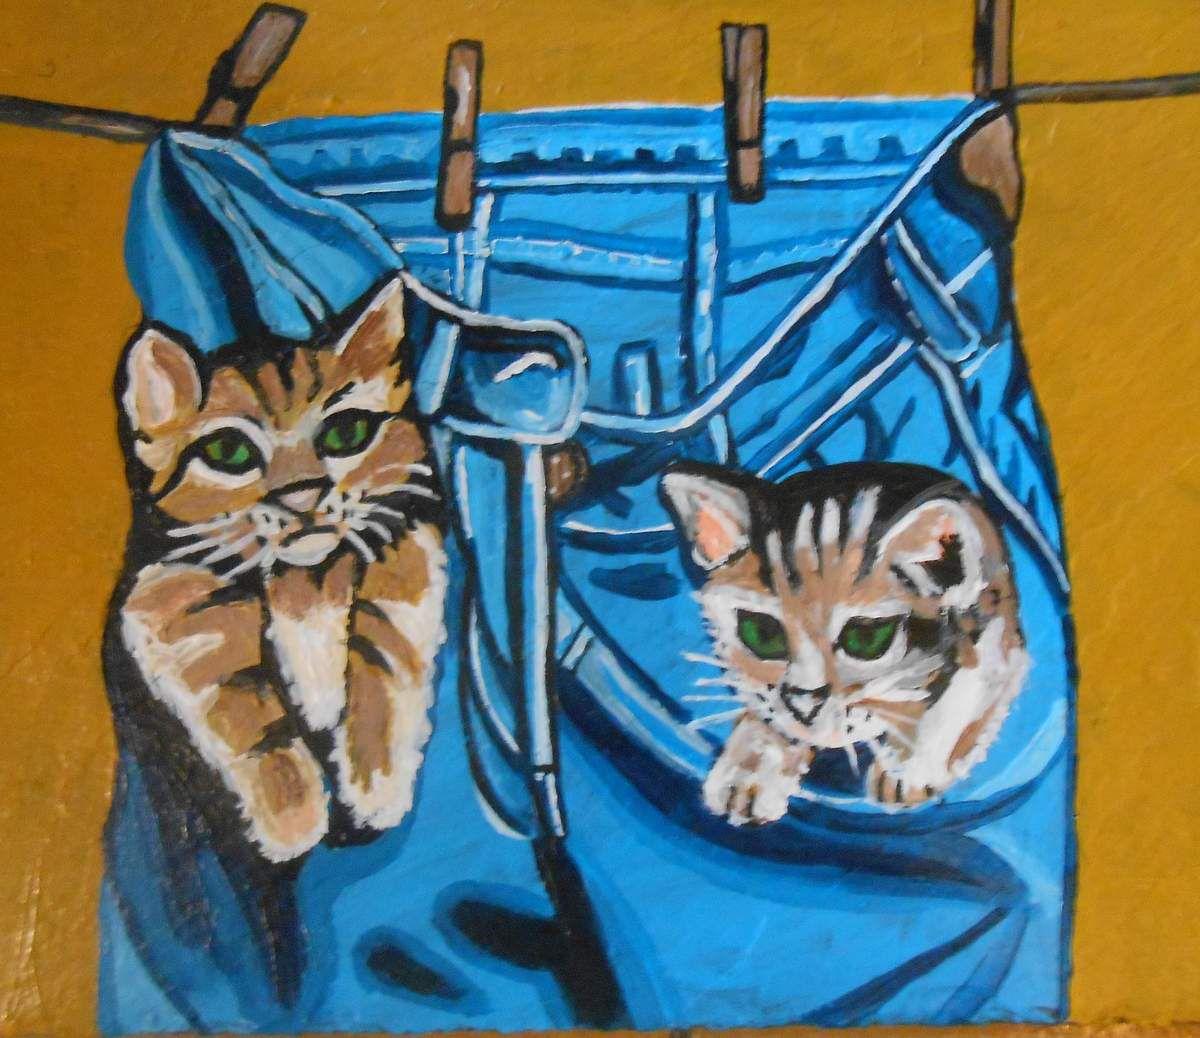 Deux chatons dans des poches de pantalon